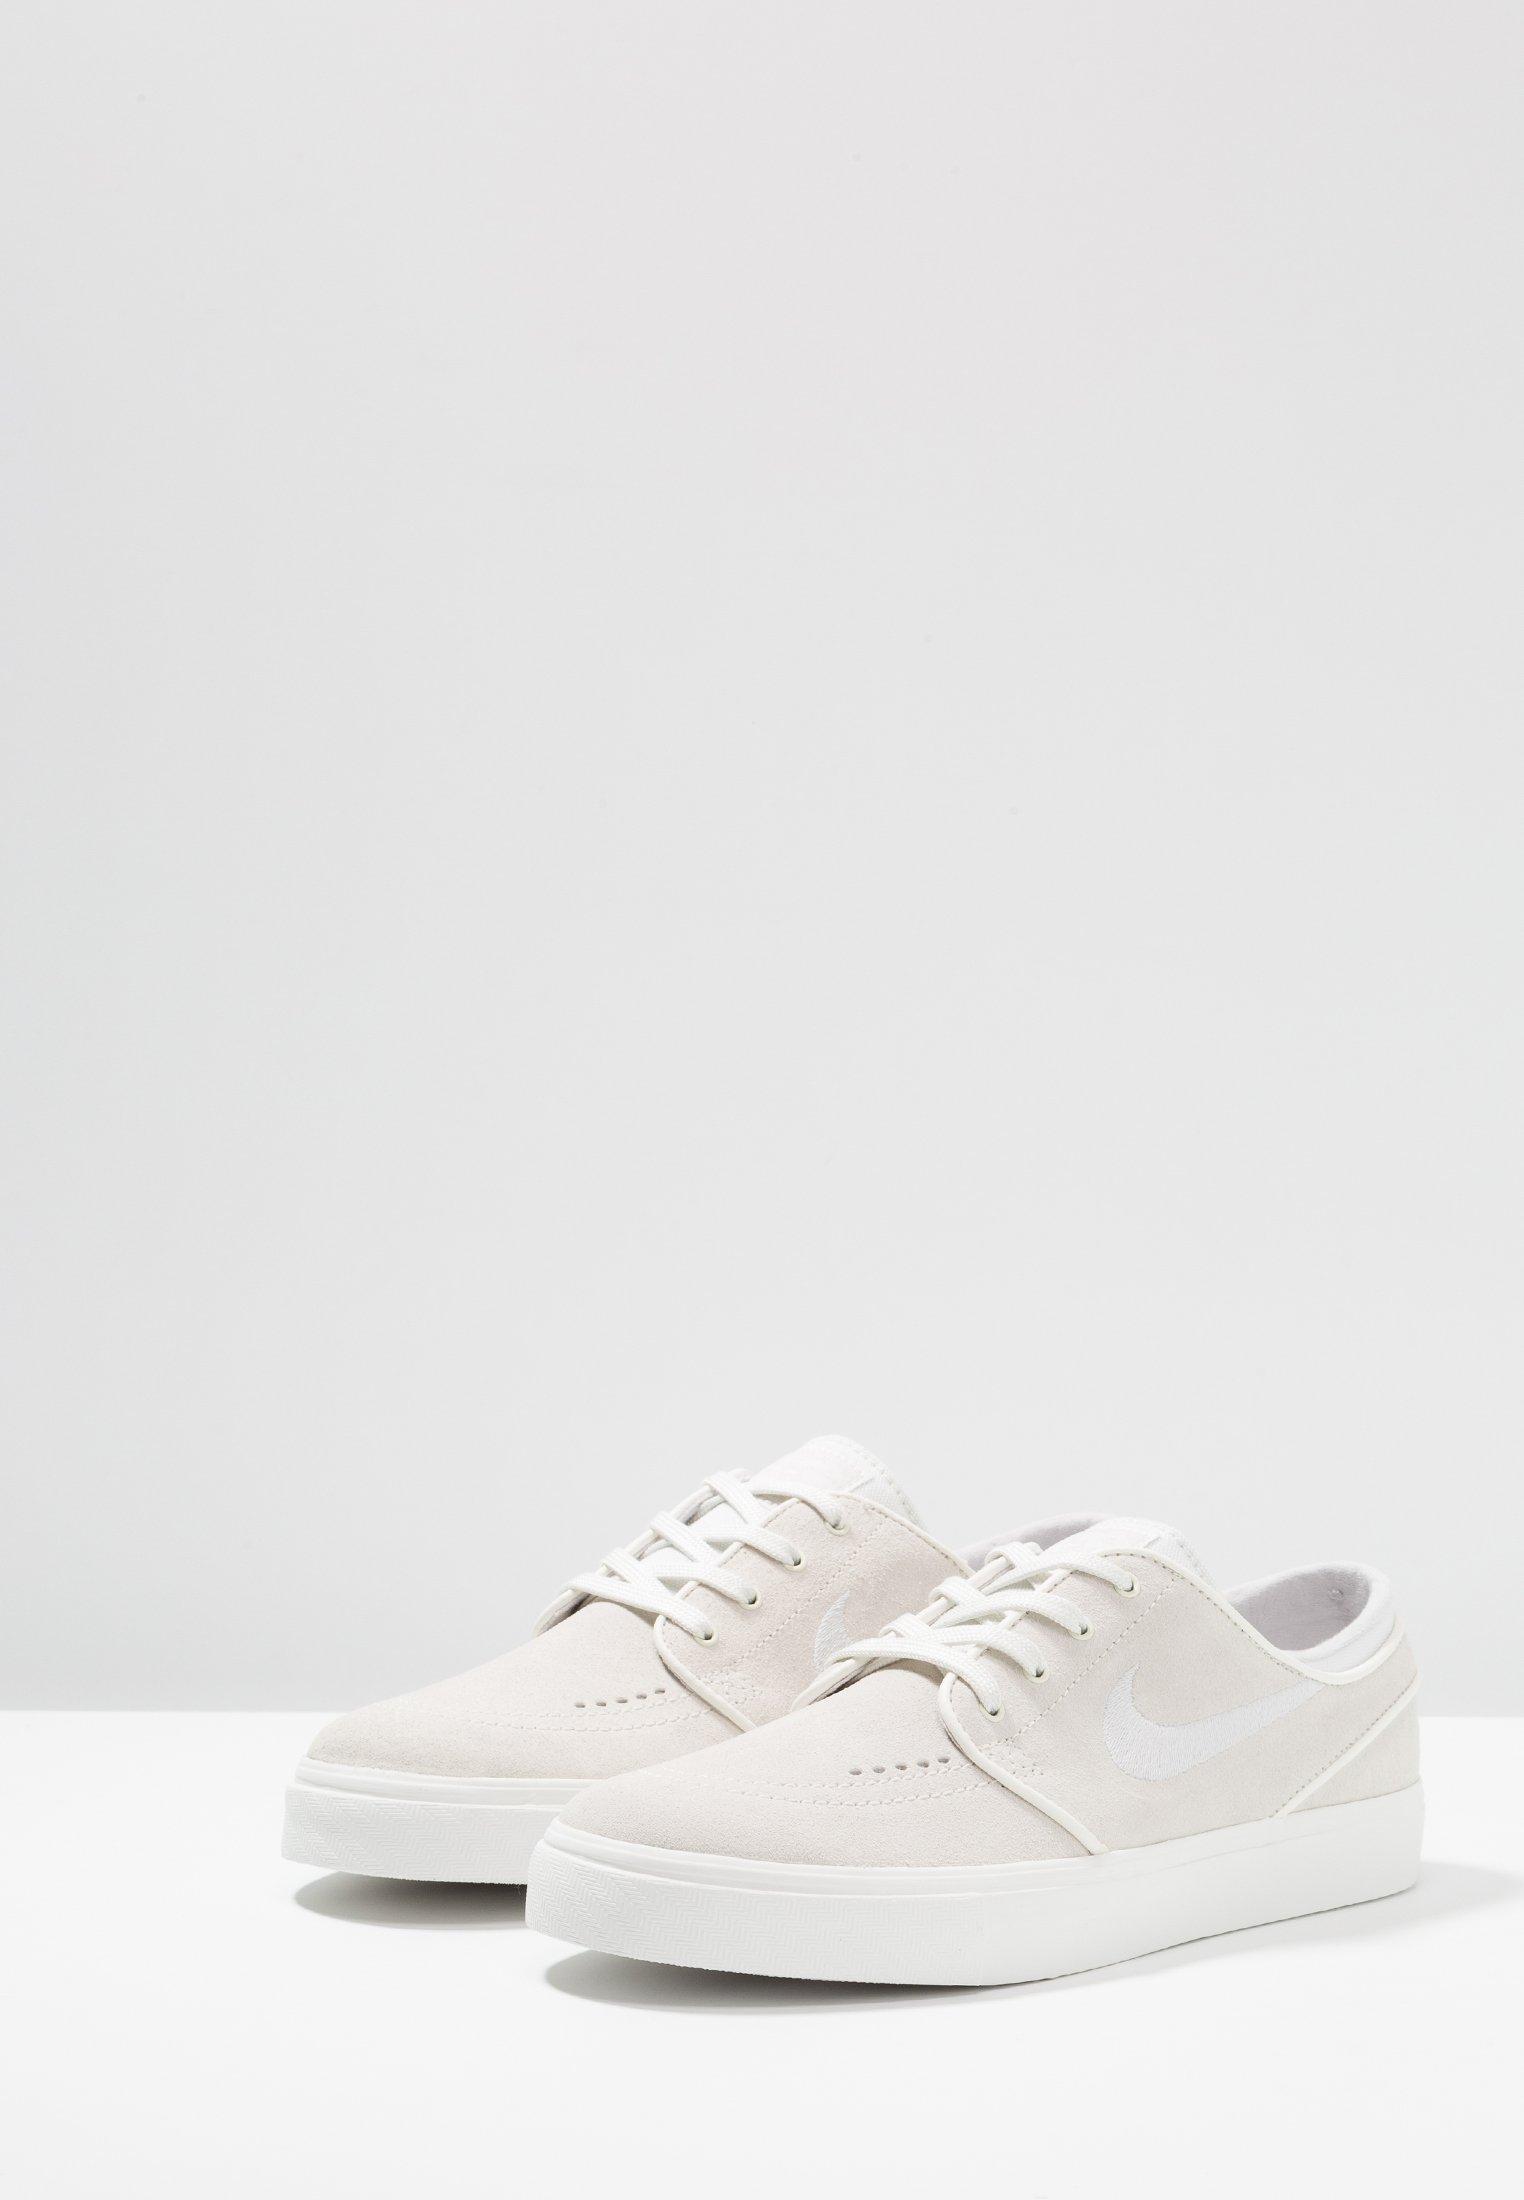 Nike SB ZOOM STEFAN JANOSKI - Zapatillas summit white/vast grey